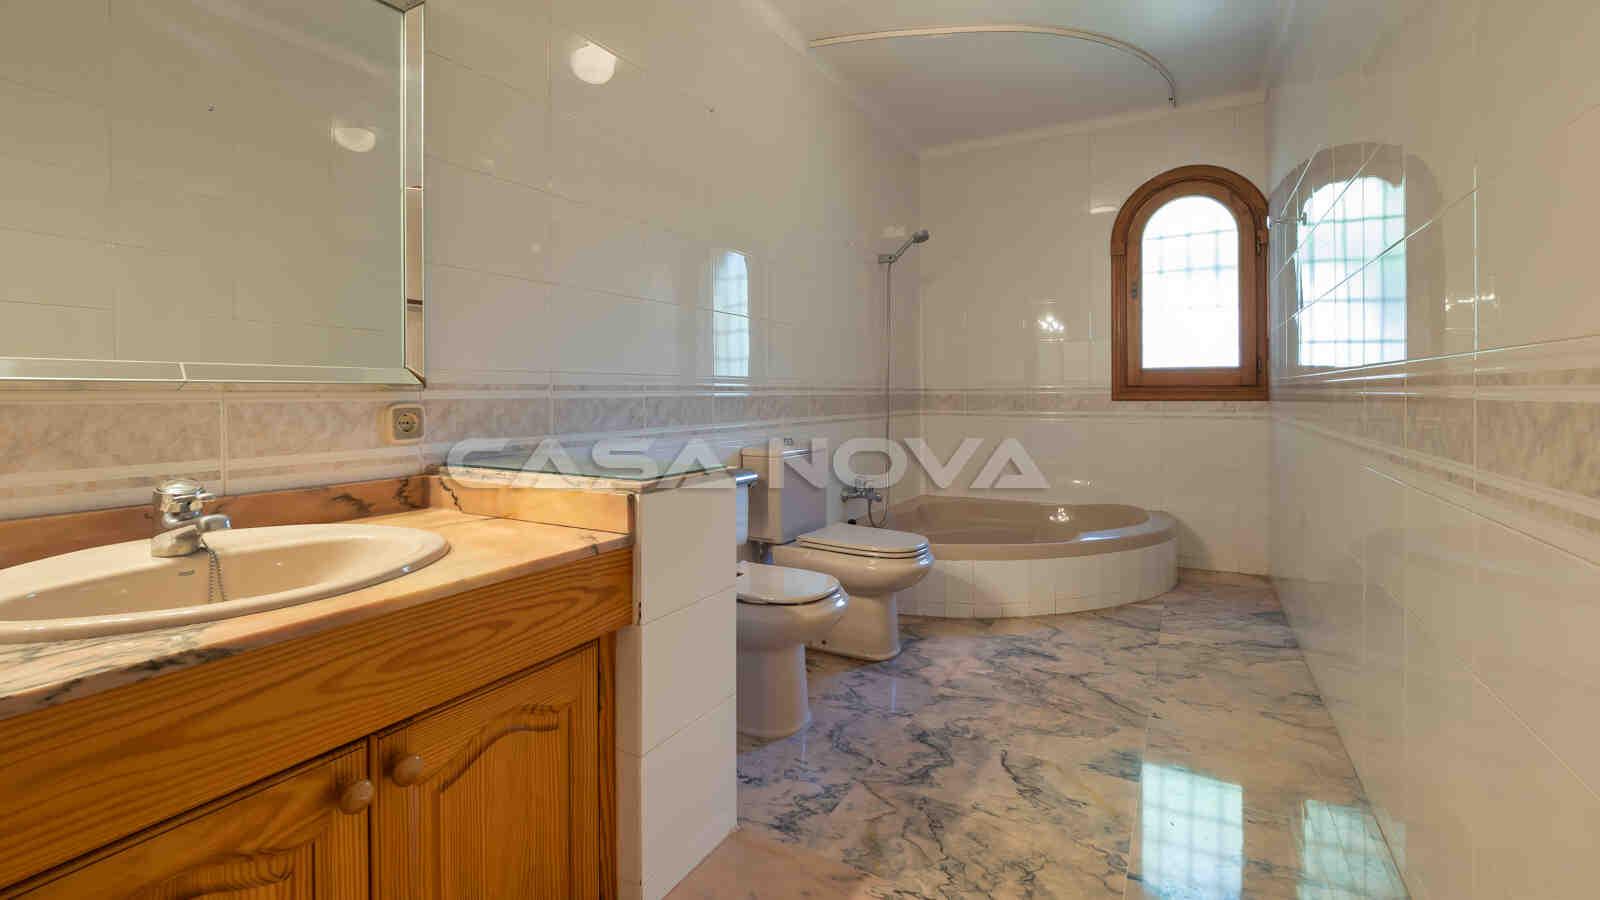 Großzügiges Badezimmer mit Marmordetails